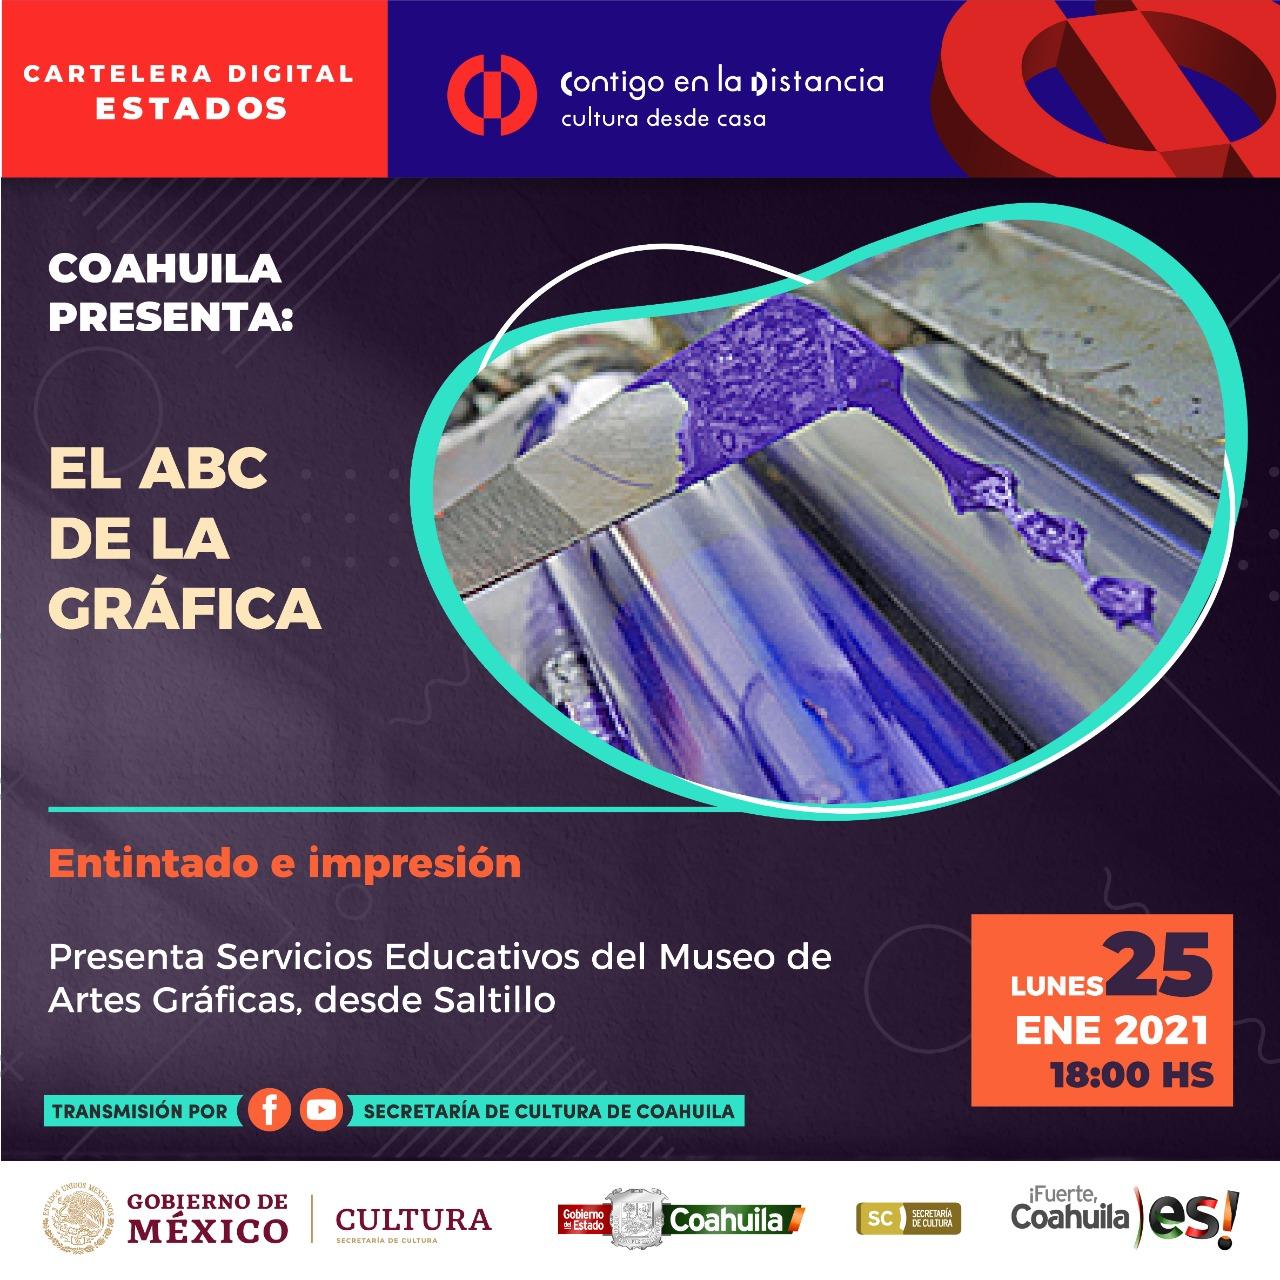 COAHUILA PRESENTA: EL ABC DE LA GRÁFICA